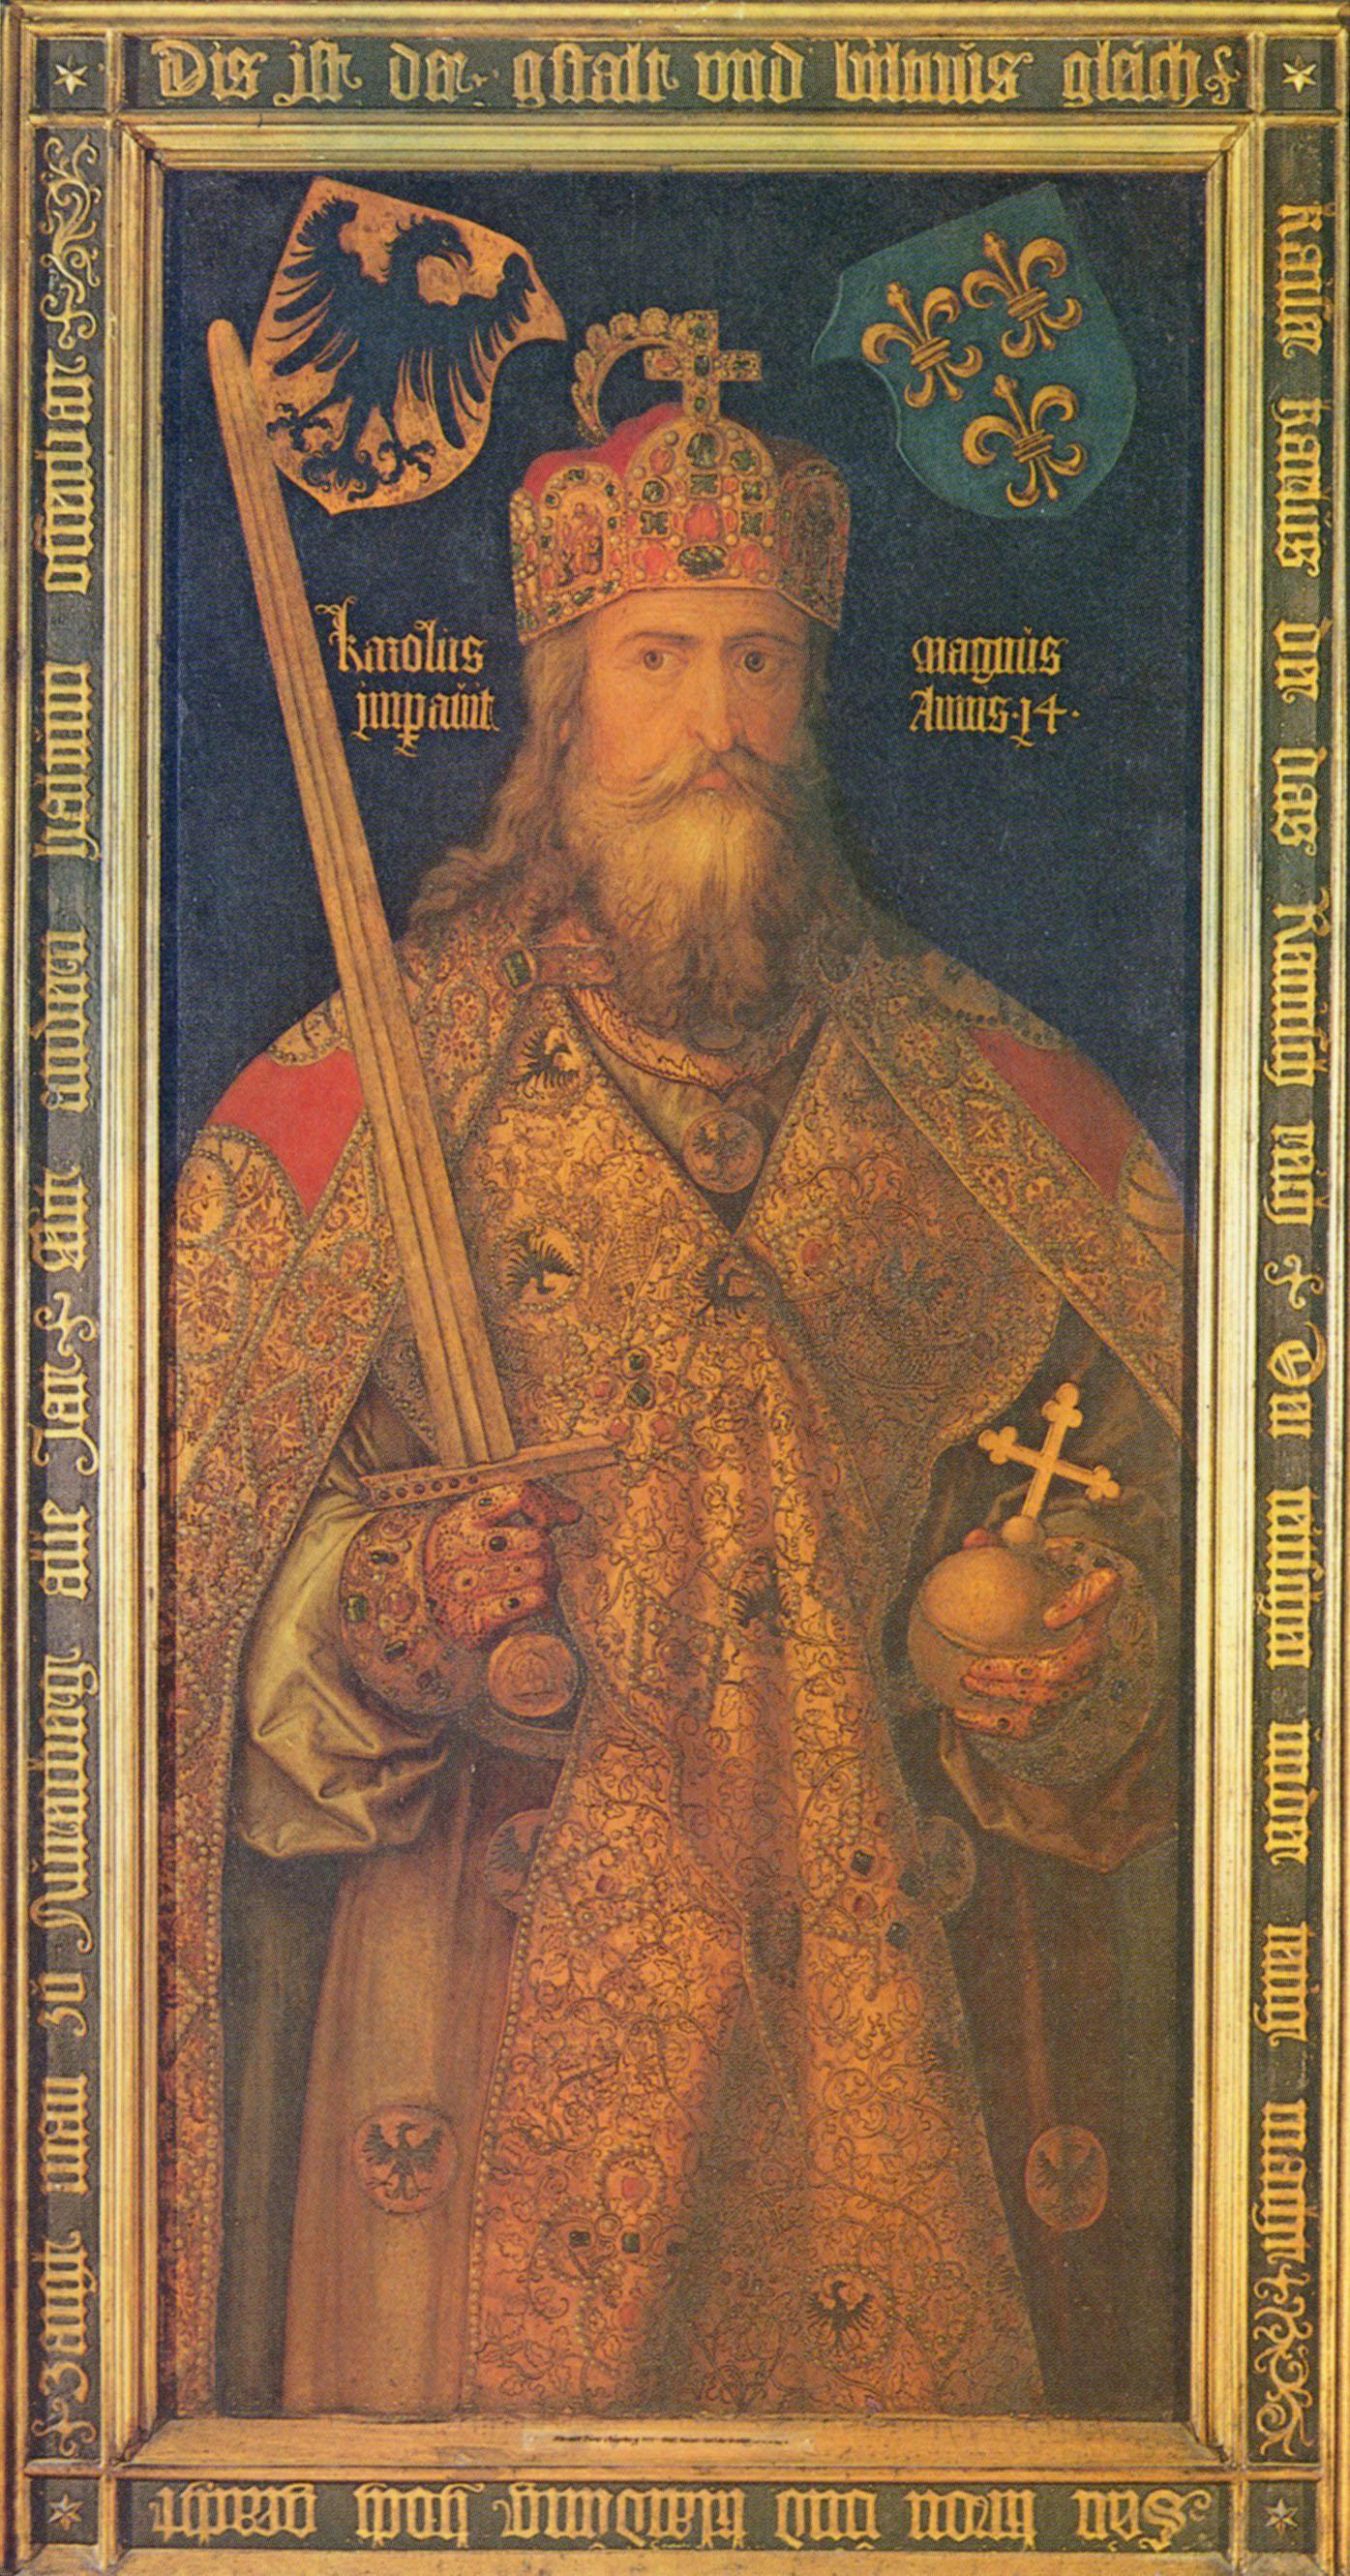 Albrecht Durer. The Emperor Charlemagne